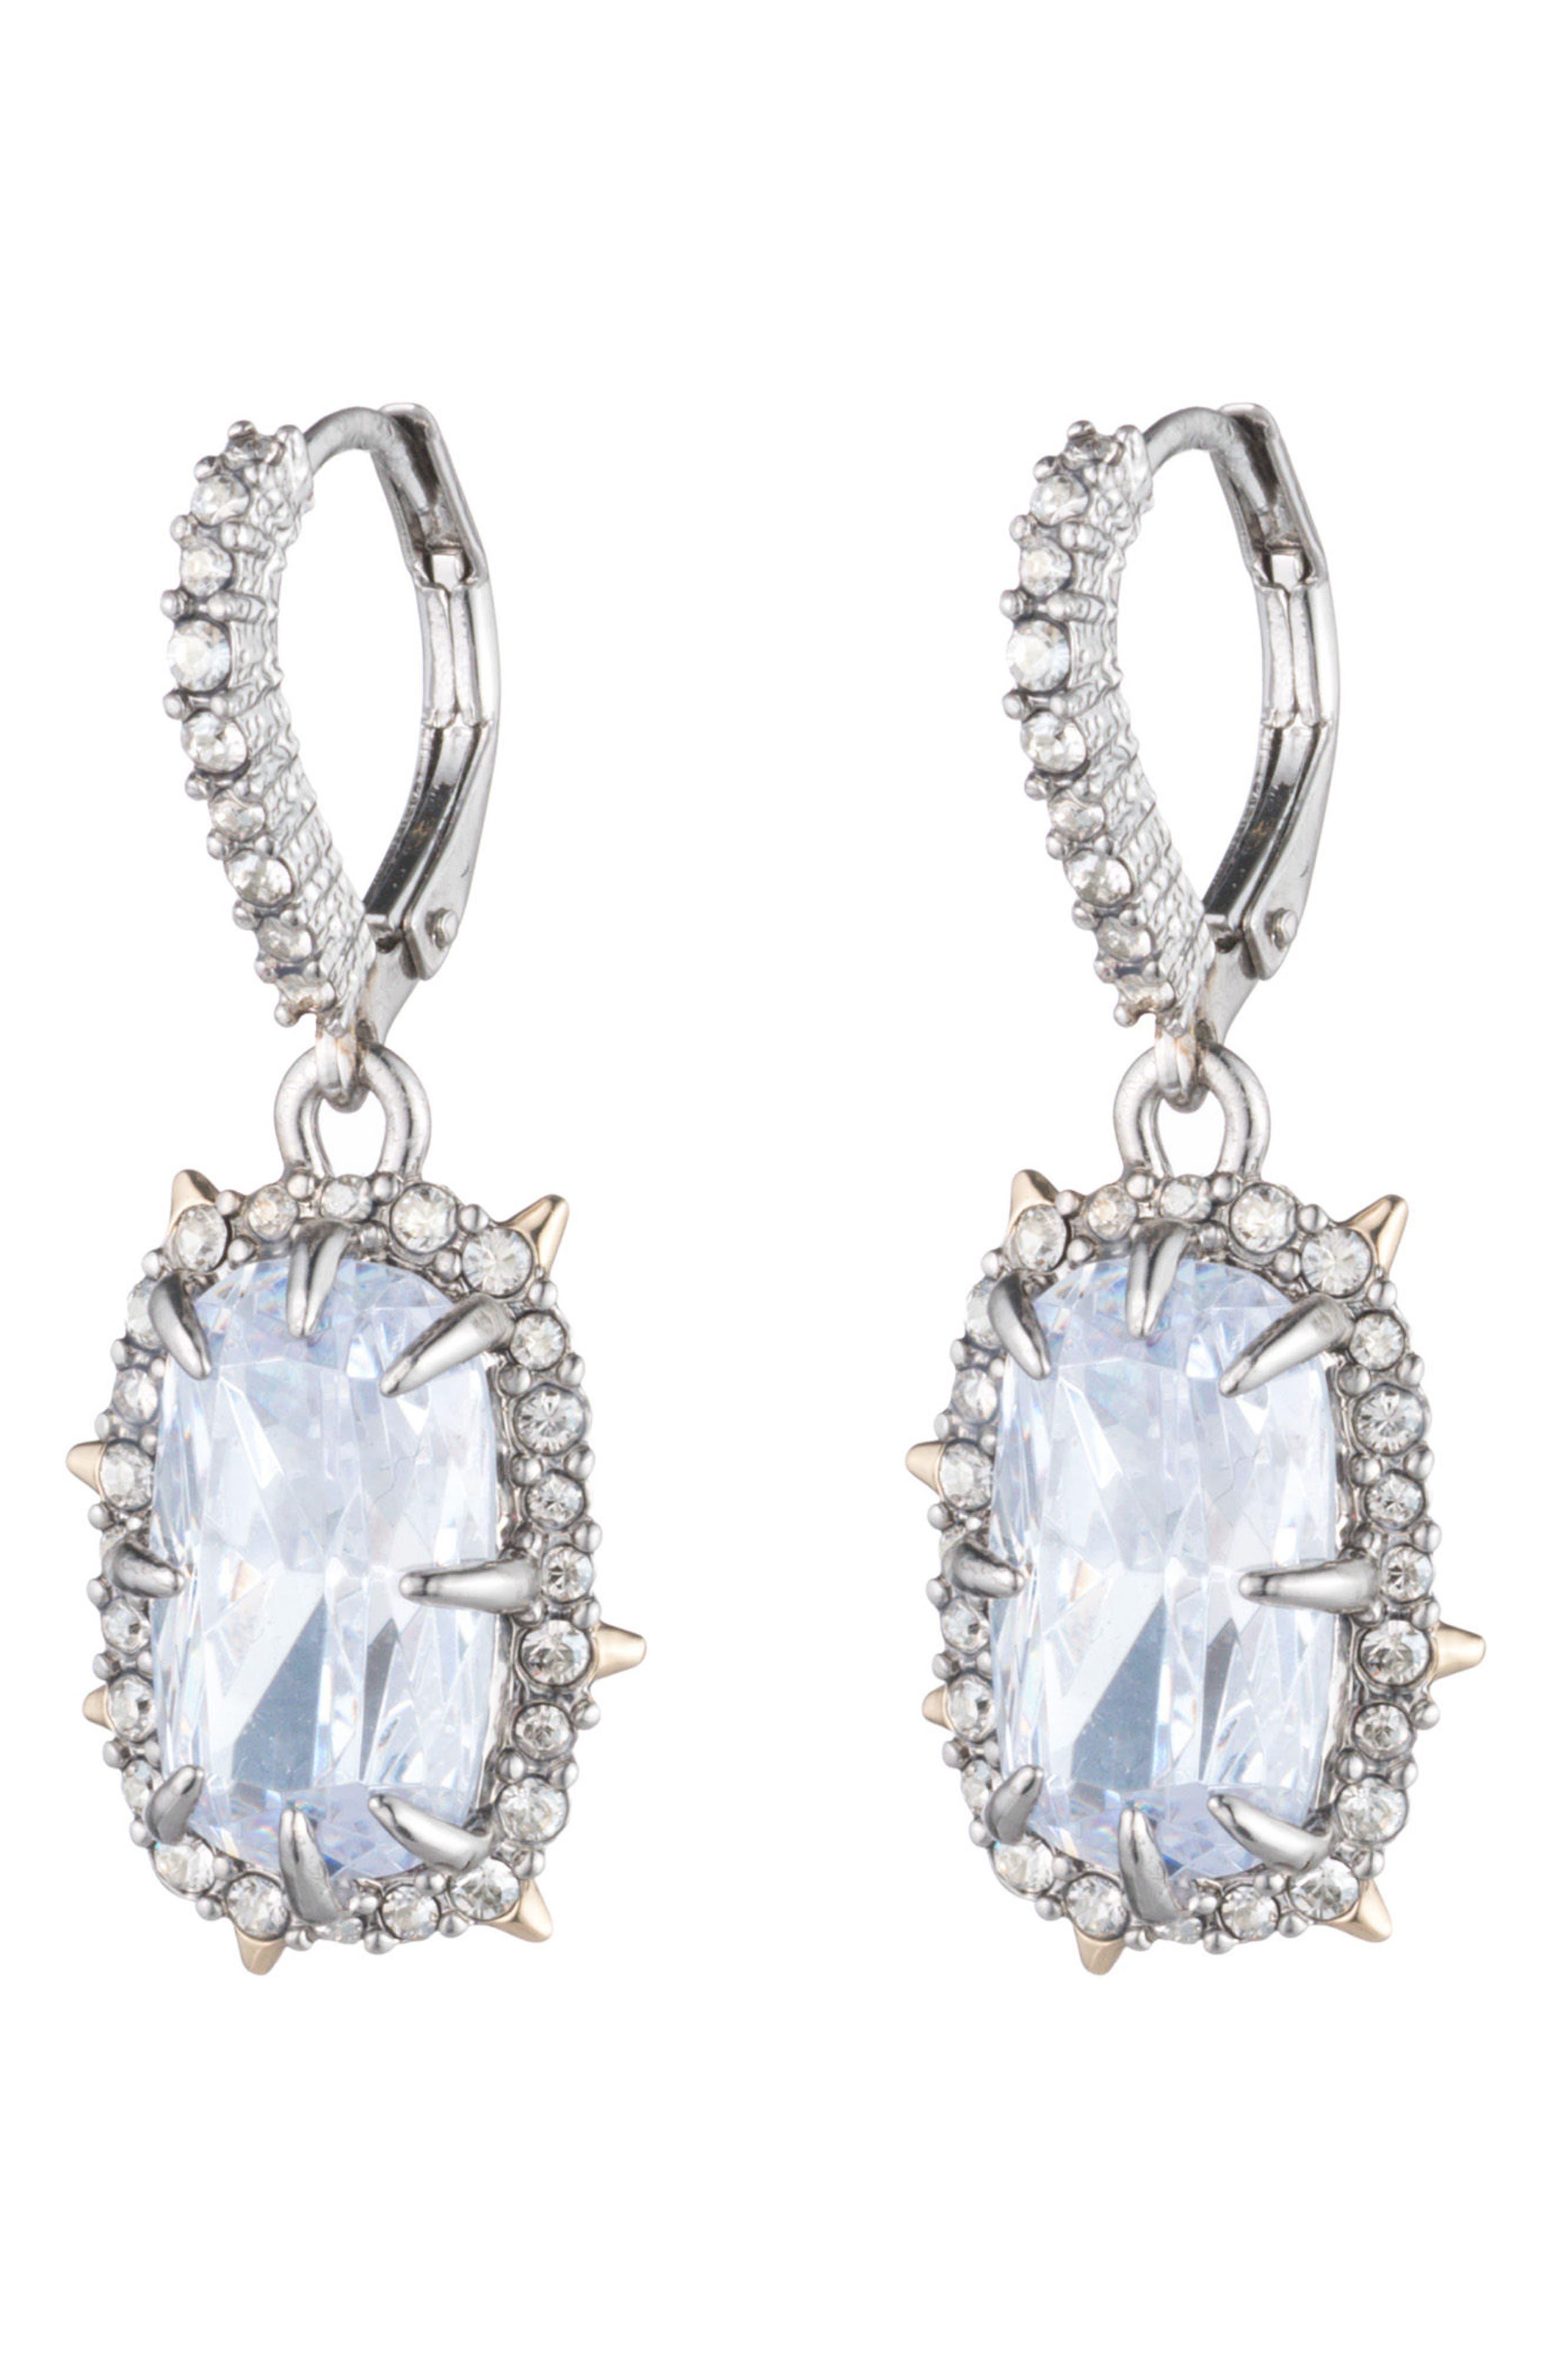 Alternate Image 1 Selected - Alexis Bittar Swarovski Crystal Drop Earrings